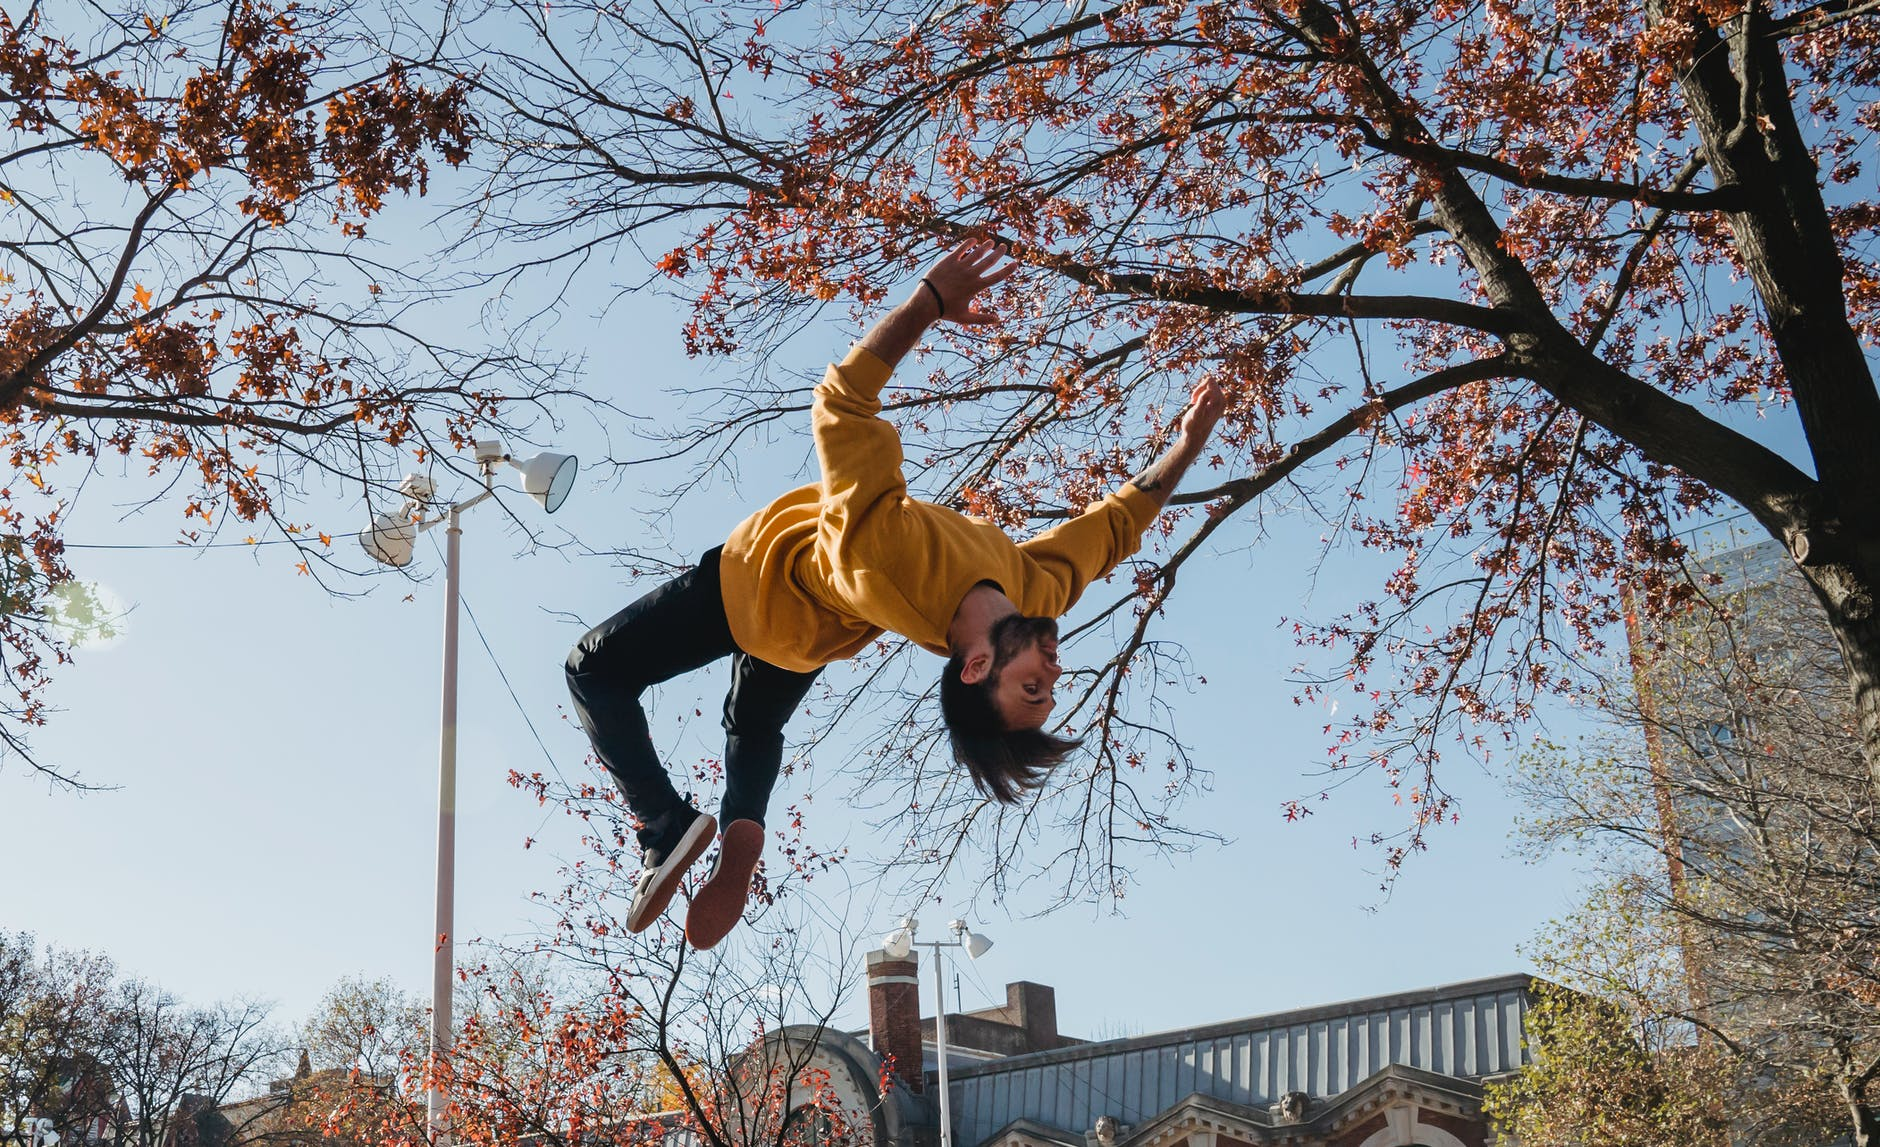 guy doing backflip in city park